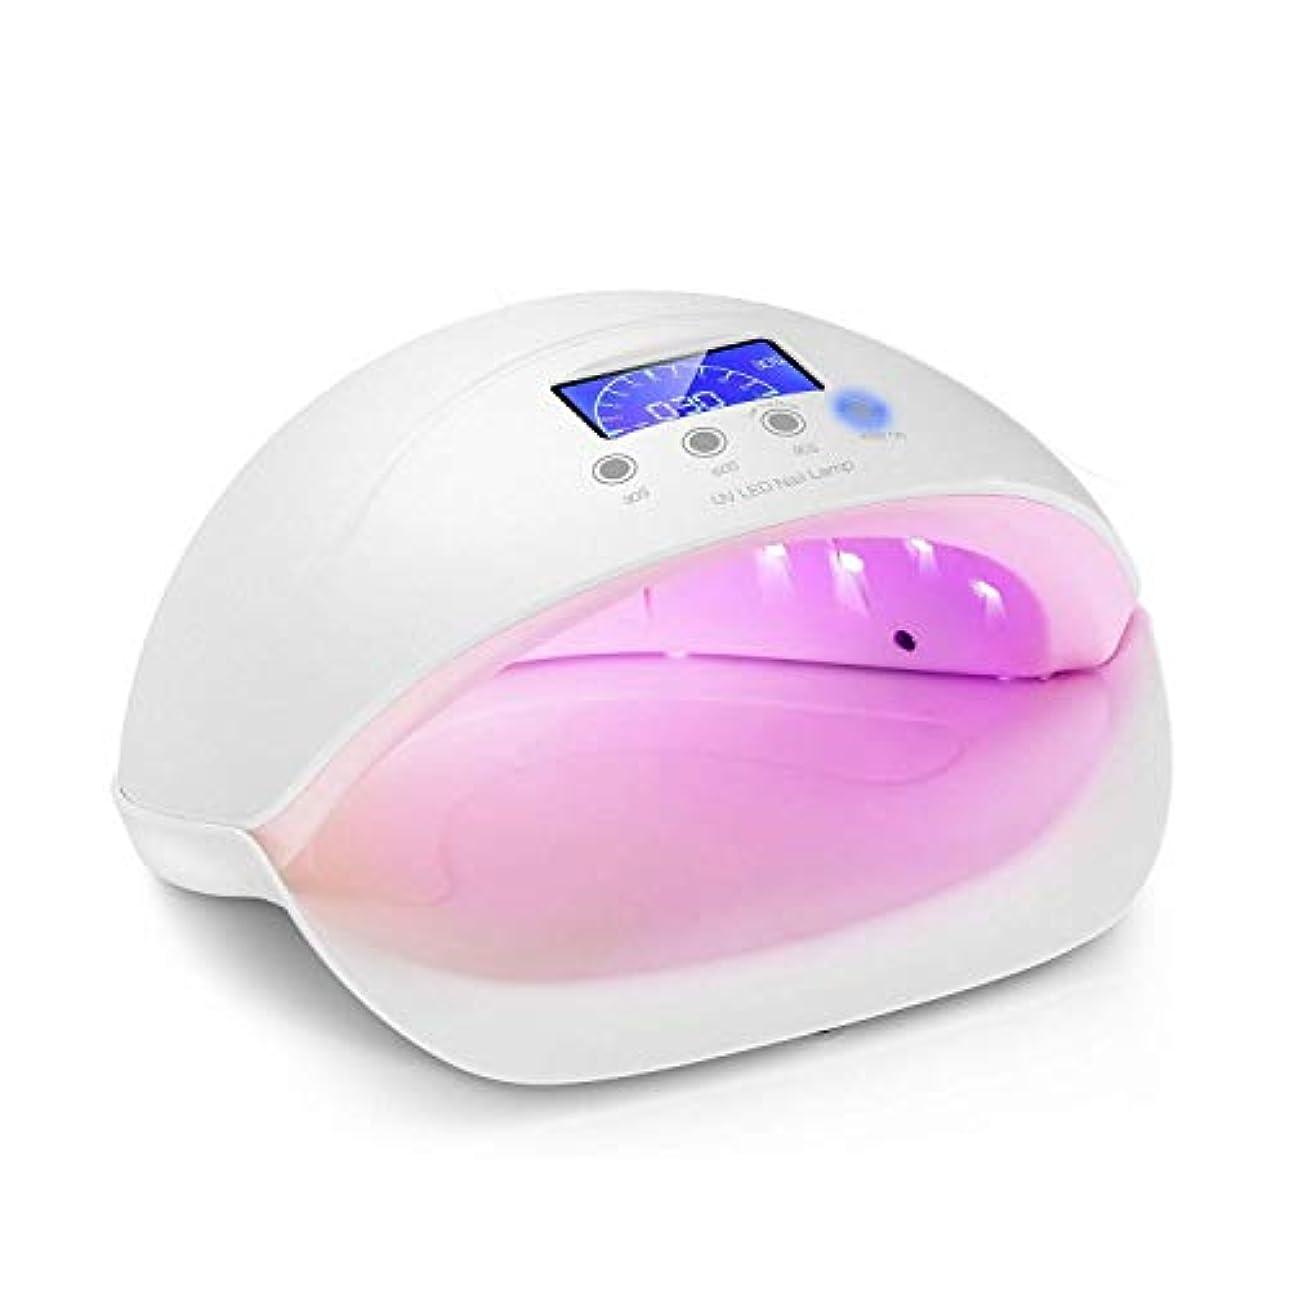 主要なカール尽きるネイルライト50W UV / LEDネイルドライヤー肌に優しい3タイマー自動センサークイックドライジェルネイルポリッシュランプ